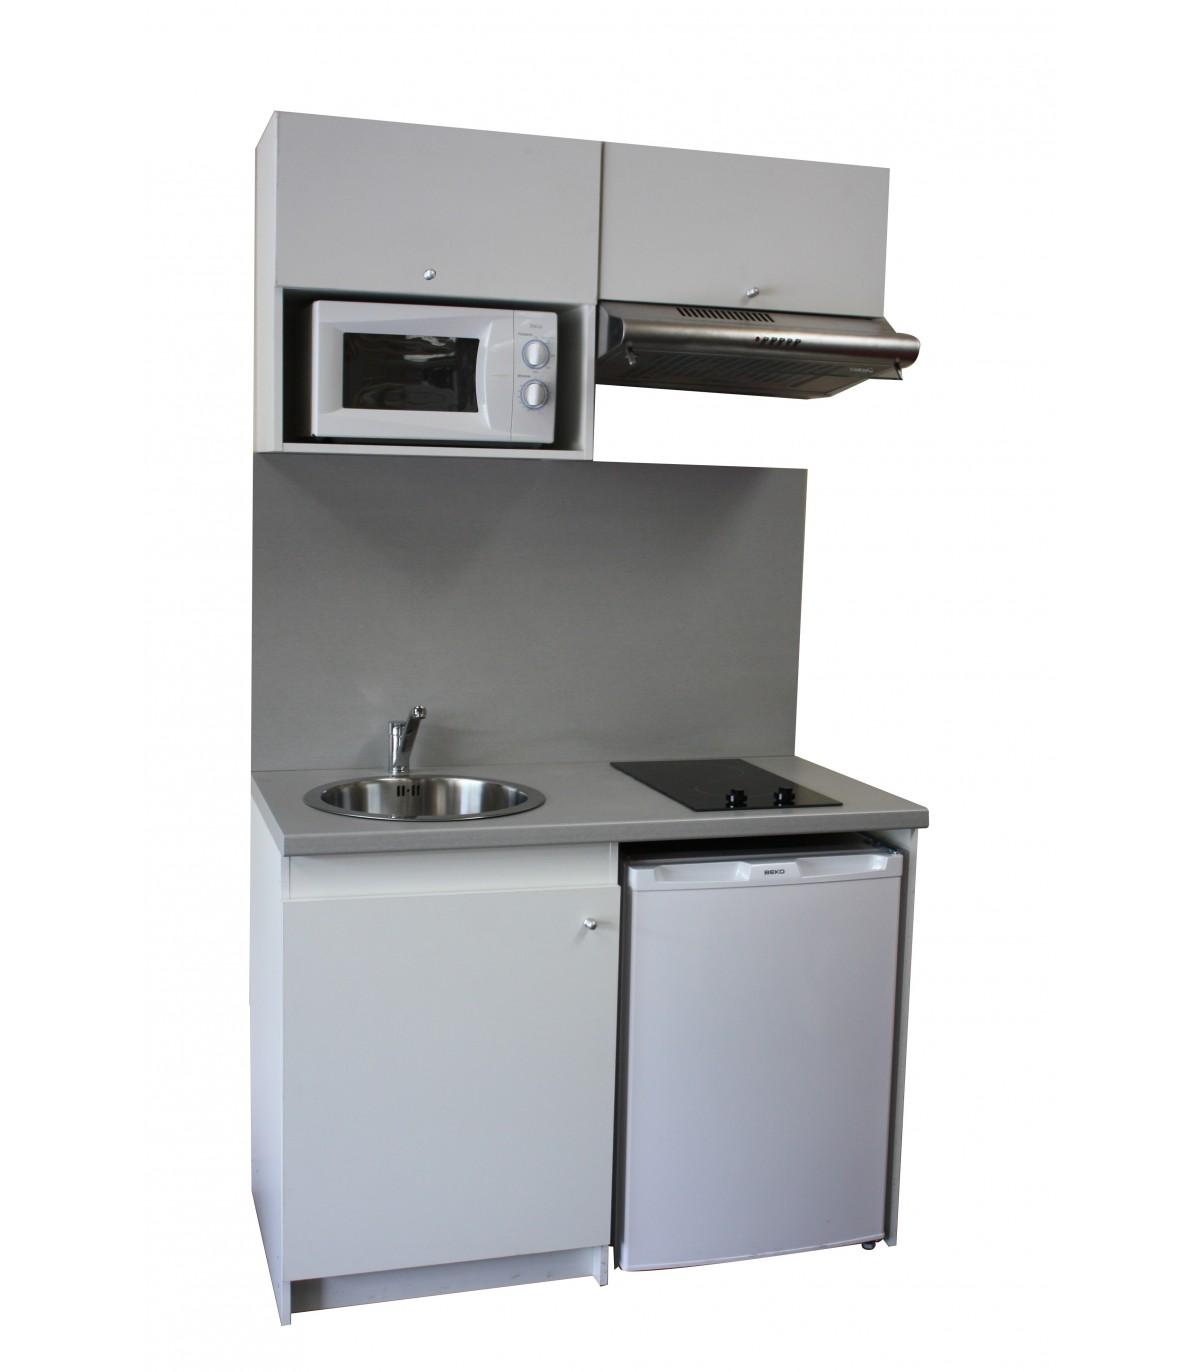 kitchenette mini cuisine compl te id ale mat riel cuisine pro. Black Bedroom Furniture Sets. Home Design Ideas